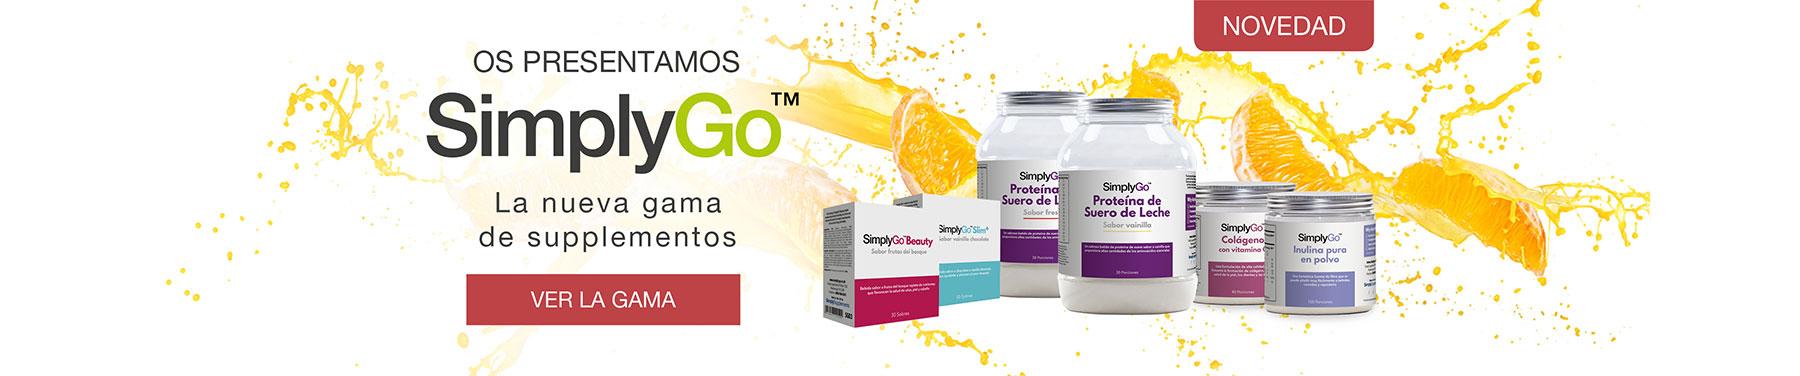 Os presentamos SimplyGo - La nueva gama de supplementos